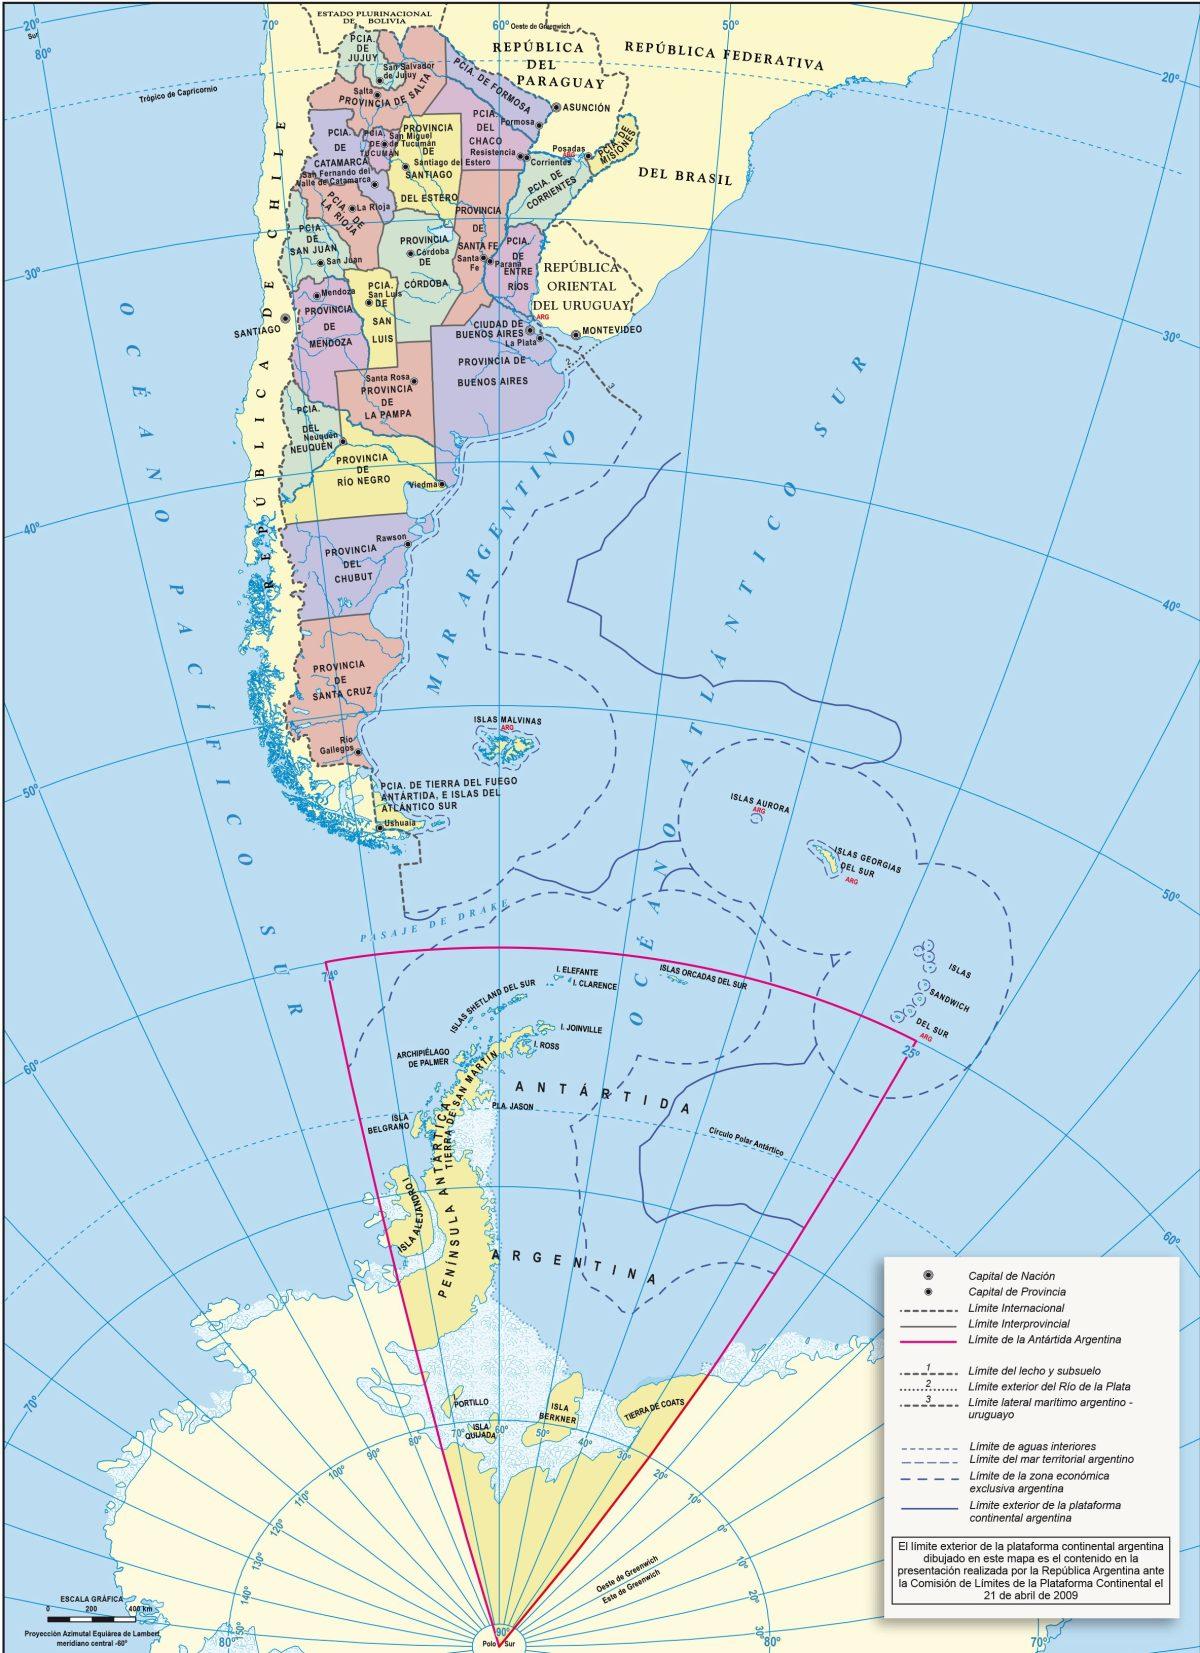 Mapa Bicontinental de la República Argentina. Elaboración IGN.